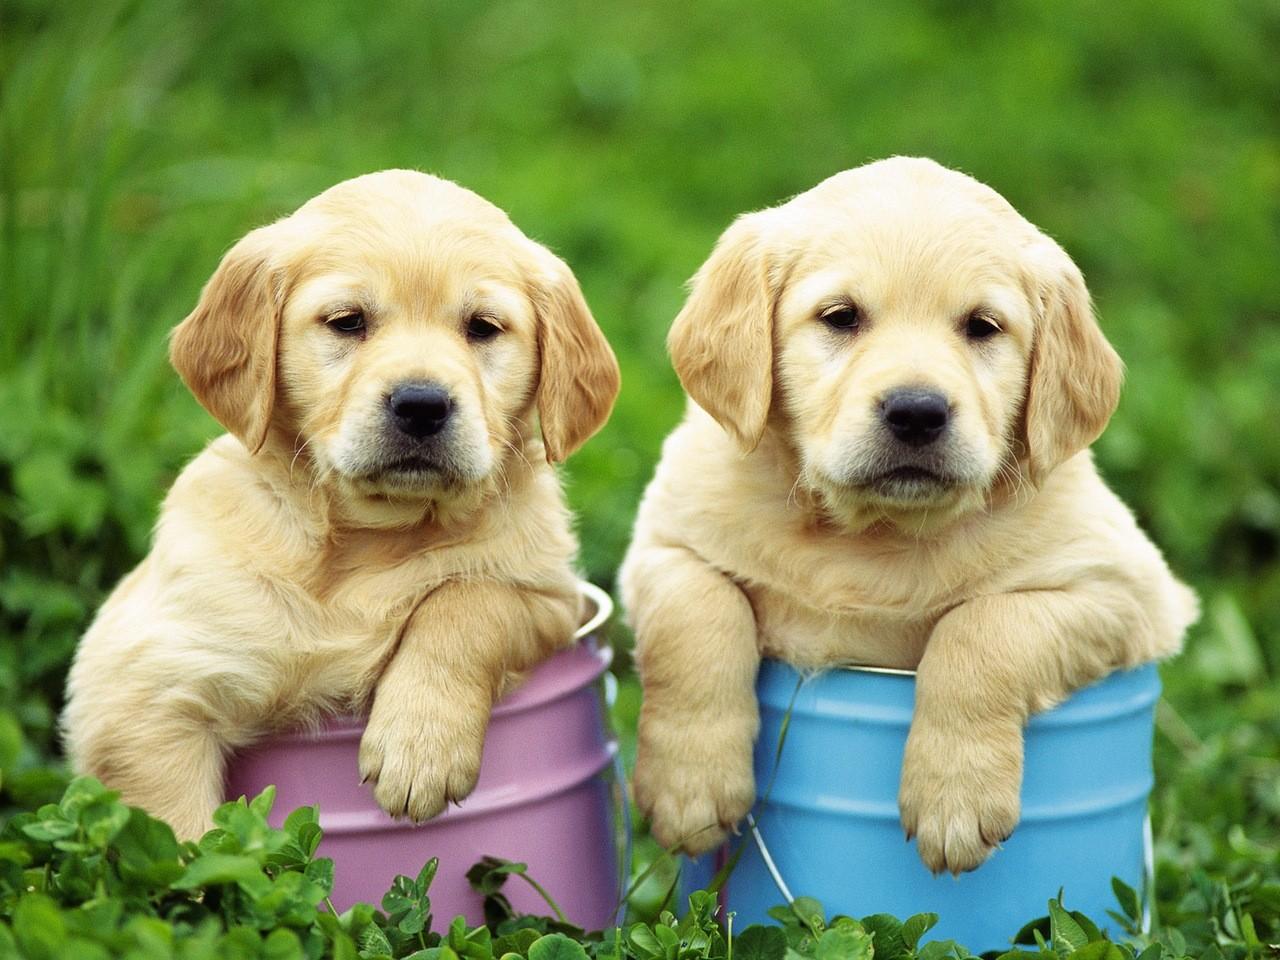 passeggino 2 cani doppio